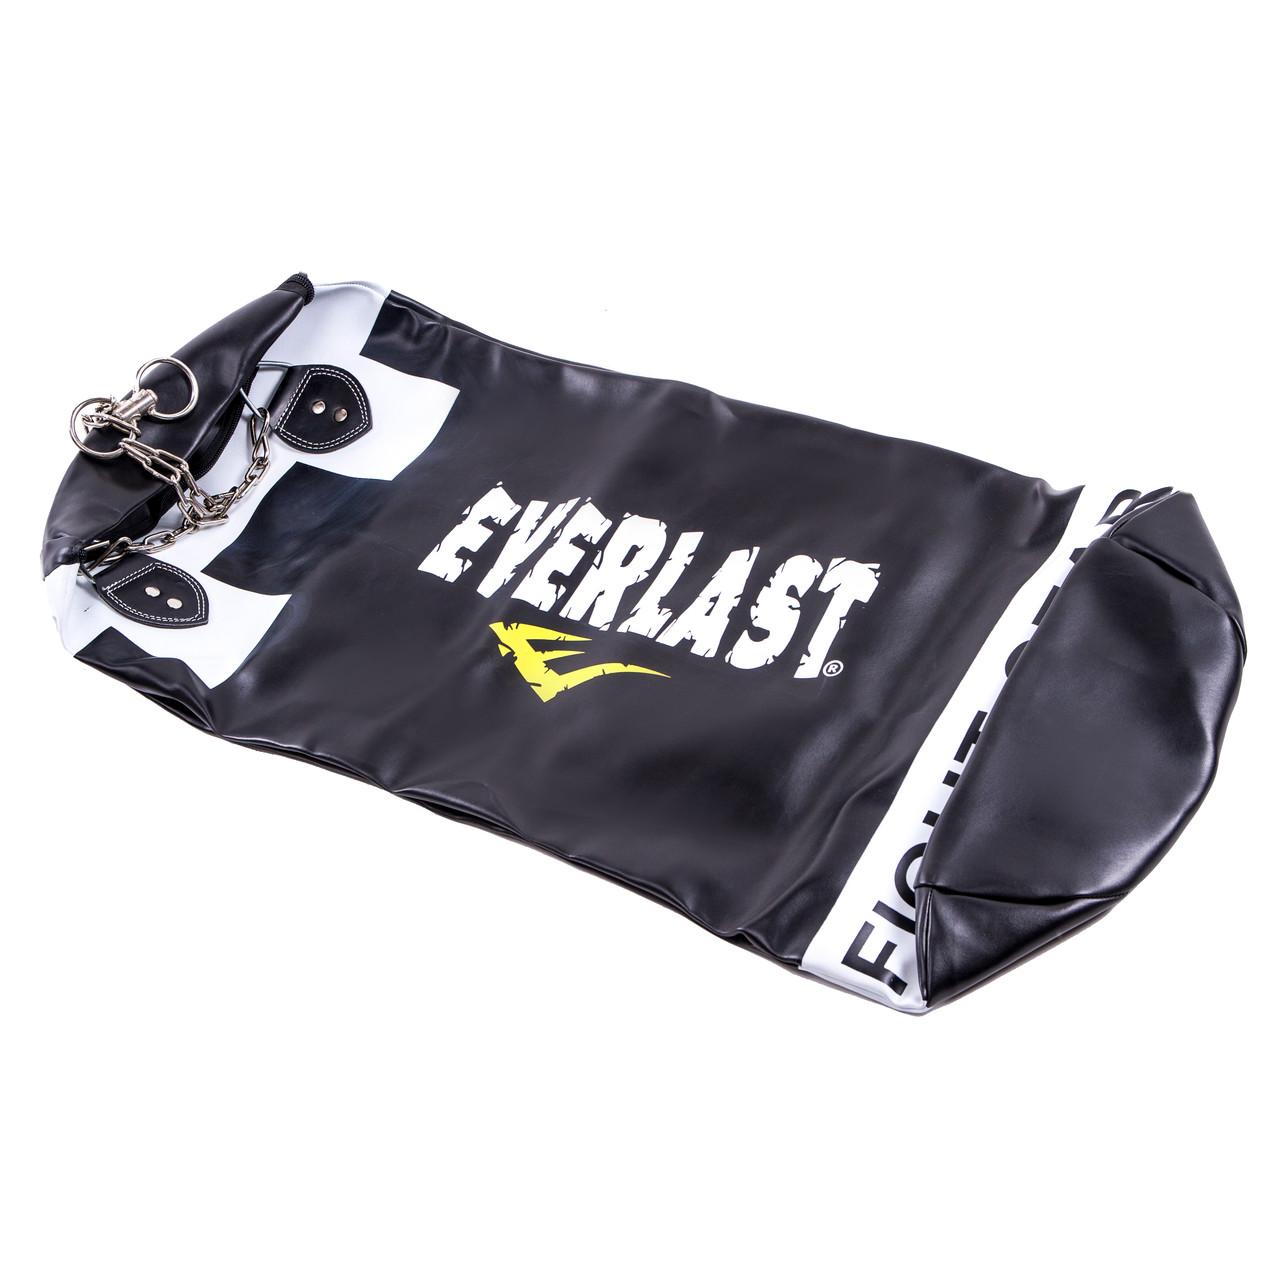 Чохол для боксерського мішка Everlast 48210035-EV